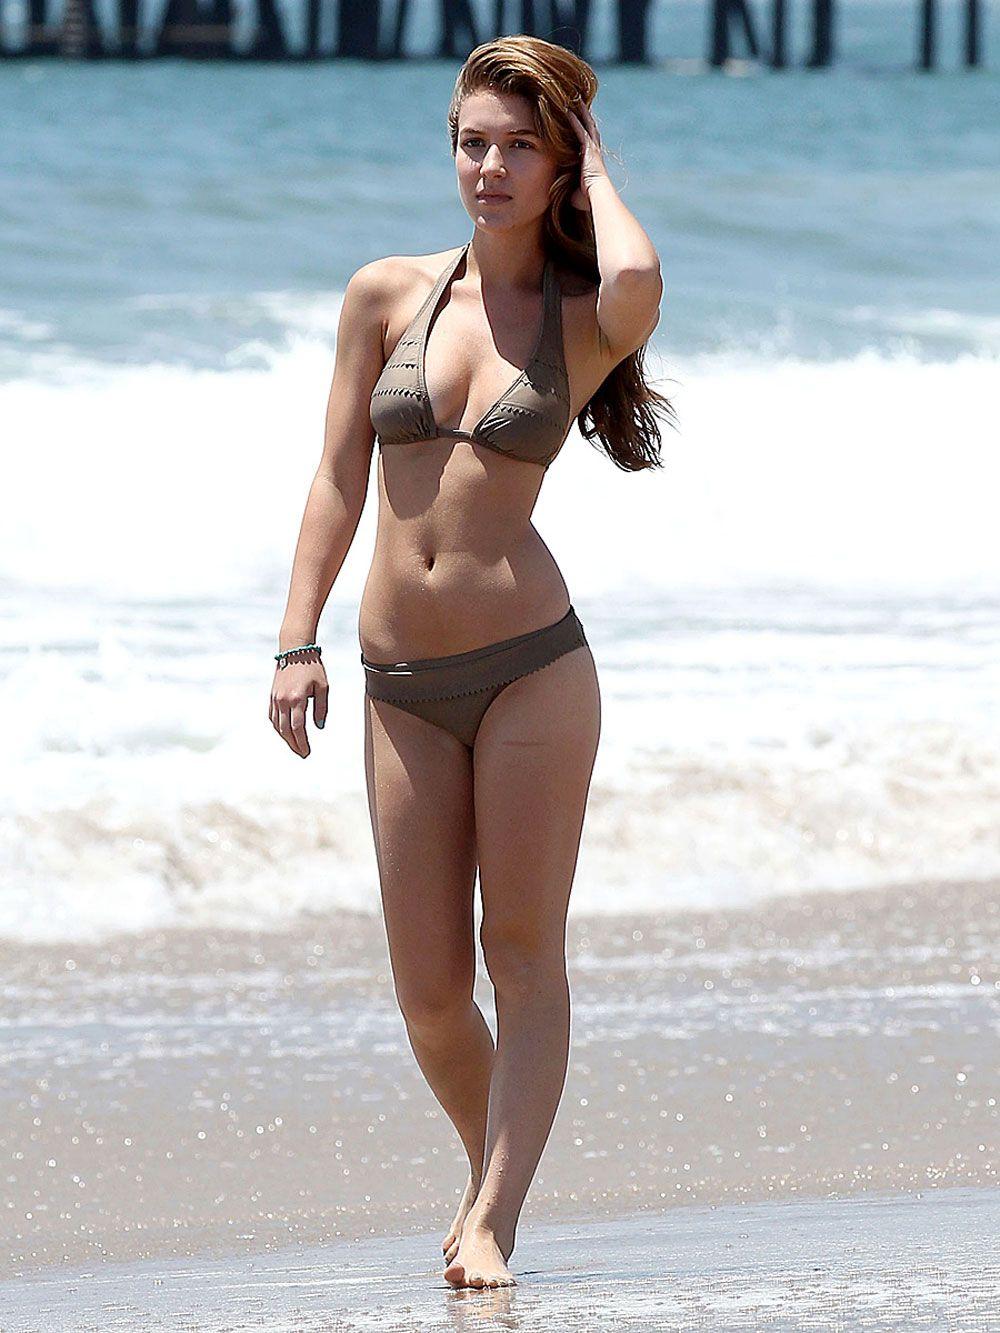 Consider, that Nathalia ramos bikini your